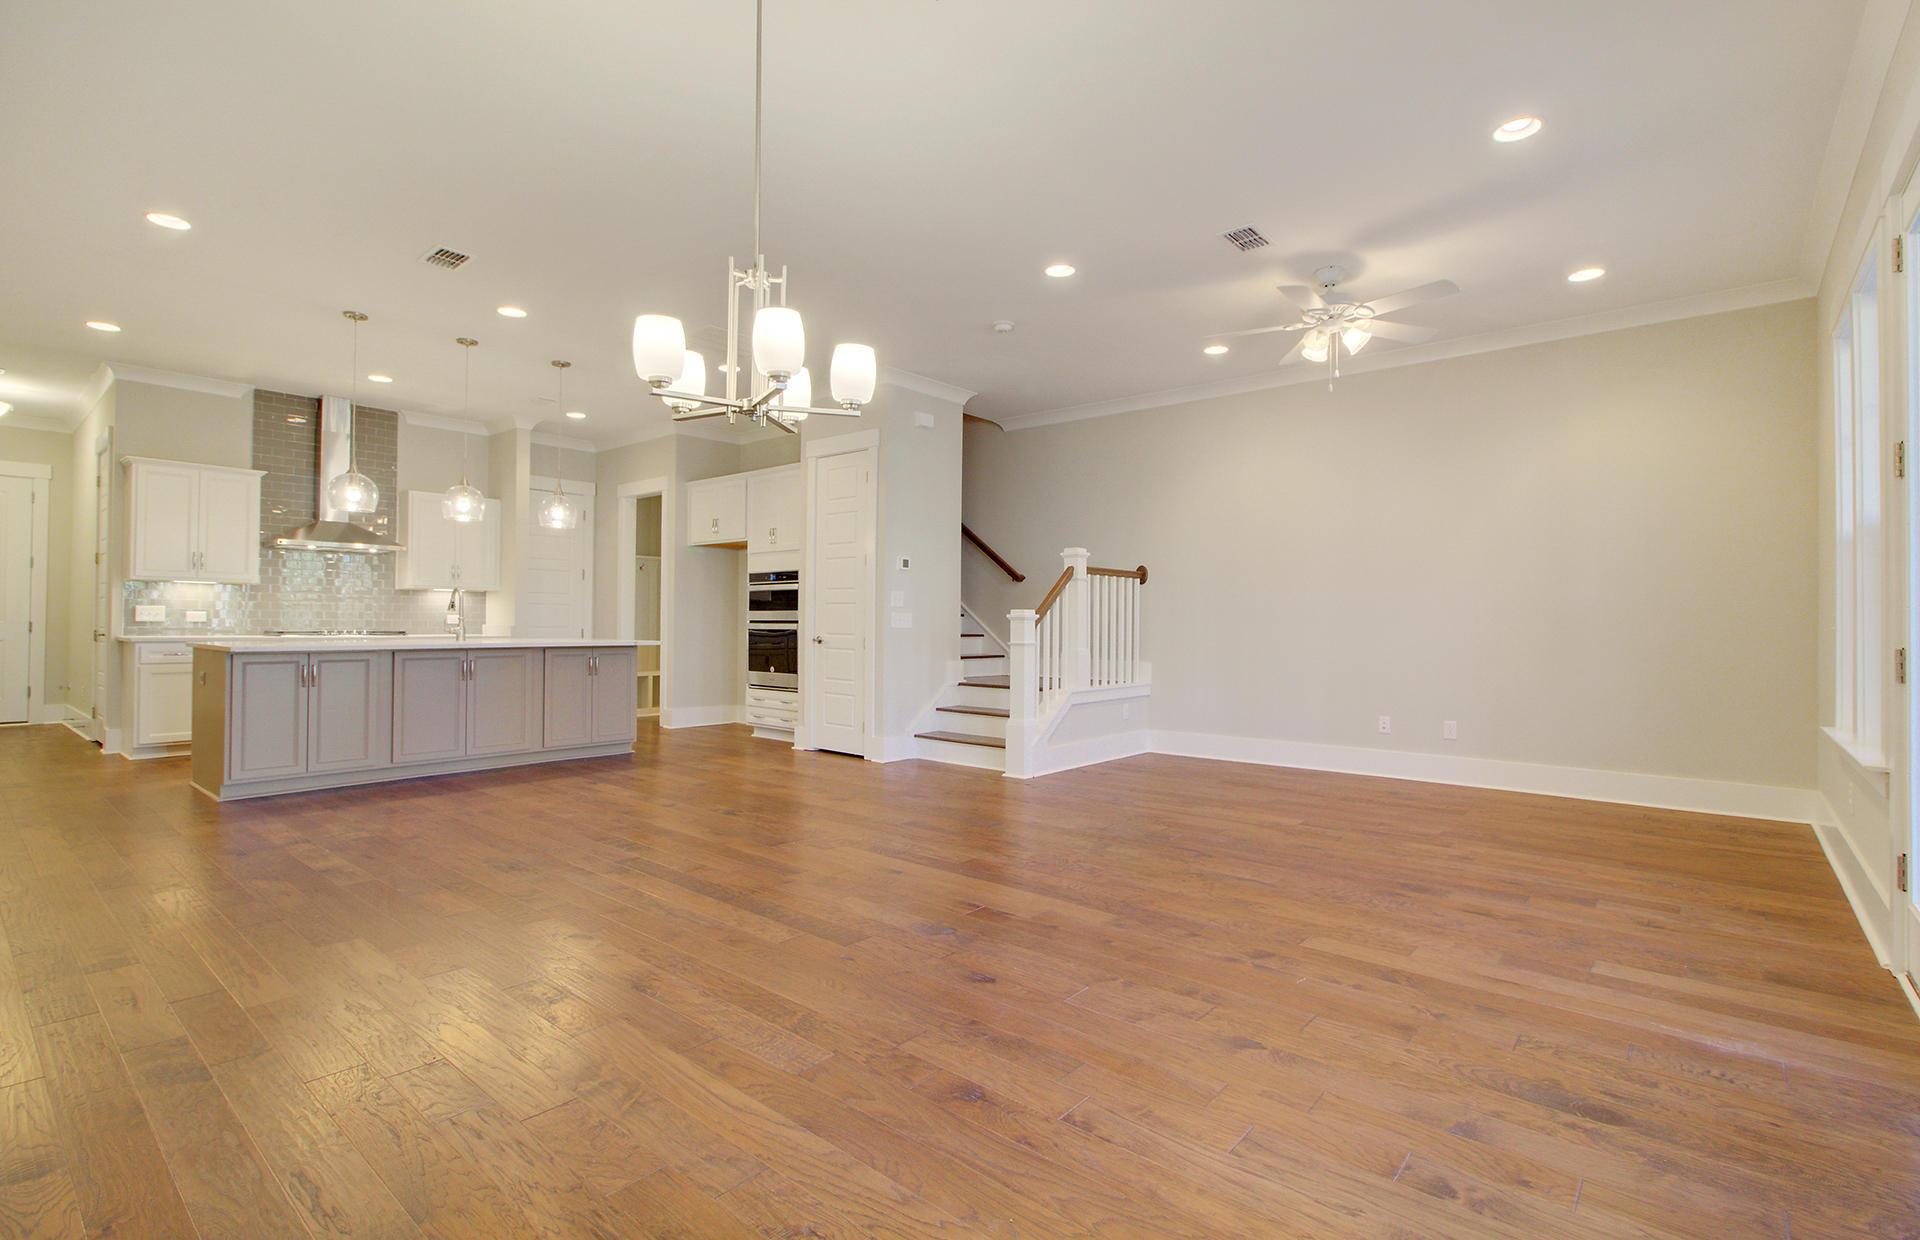 Dunes West Homes For Sale - 2416 Brackish, Mount Pleasant, SC - 8